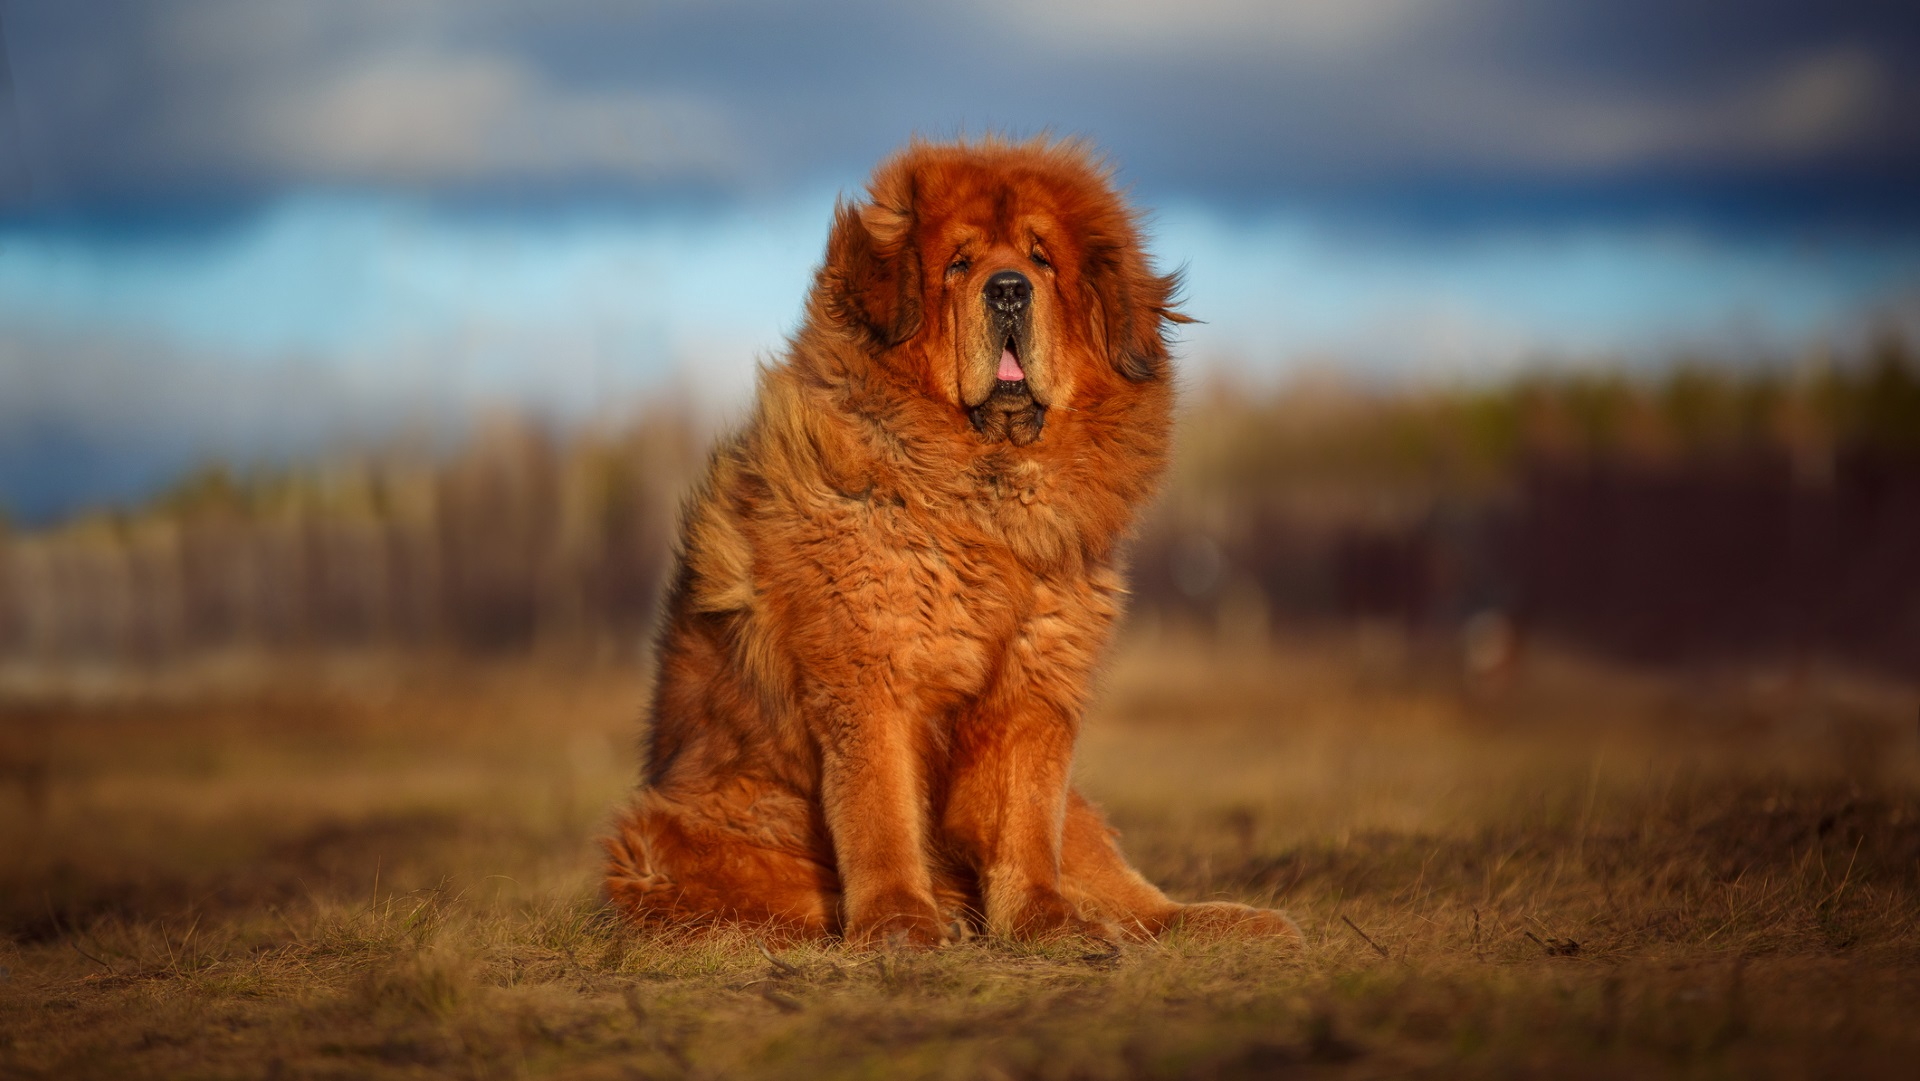 <p><strong>Тибетски мастиф</strong></p>  <p>Това е скъпа порода около 5000 &ndash; 9000 долара. Въпреки че едно от тези кучета влезе в историята, като беше продадено за 2 млн. долара в Китай, все още не е най-скъпата порода кучета. Това е куче пазител на стадото в повечето части на света и затова често спи през деня, за да бъде по-бдително през нощта.</p>